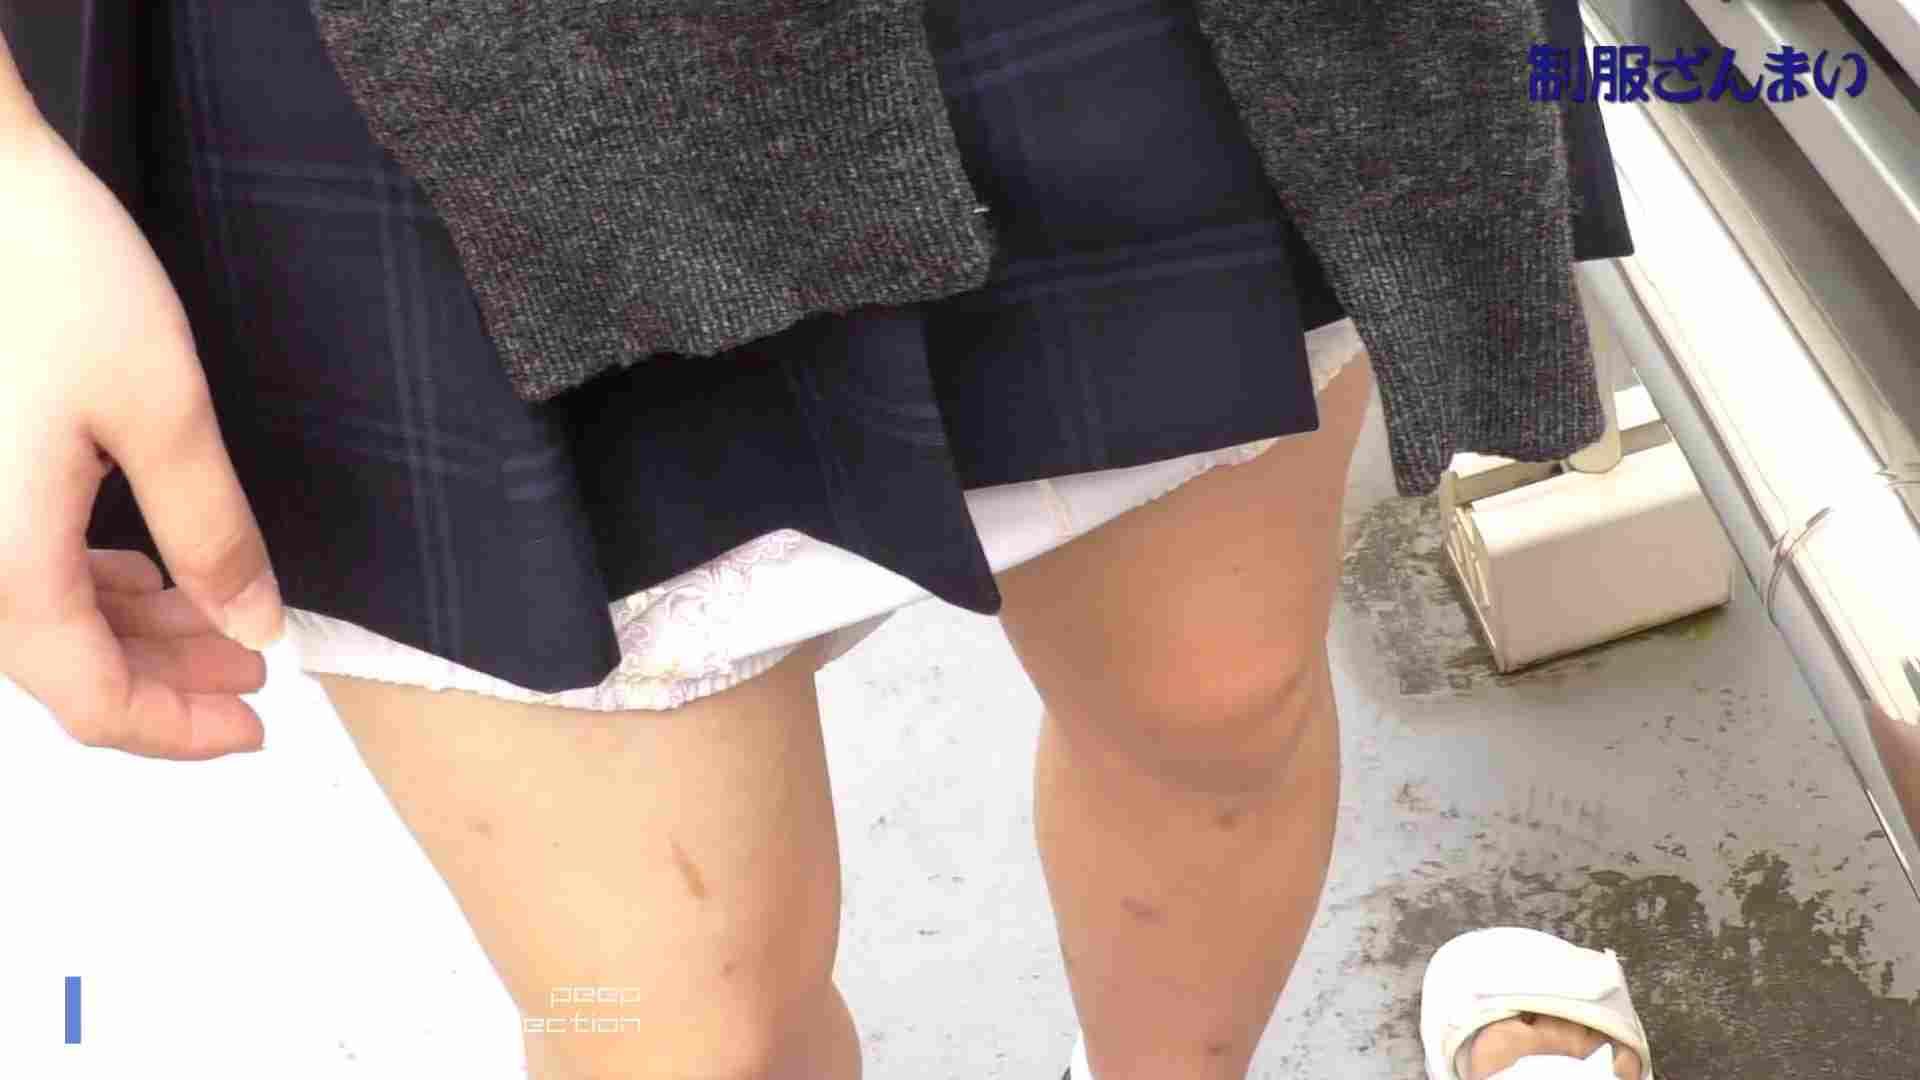 パンツを売る女 Vol.23制月反女子変態ざんまい前編 高画質  93PIX 57